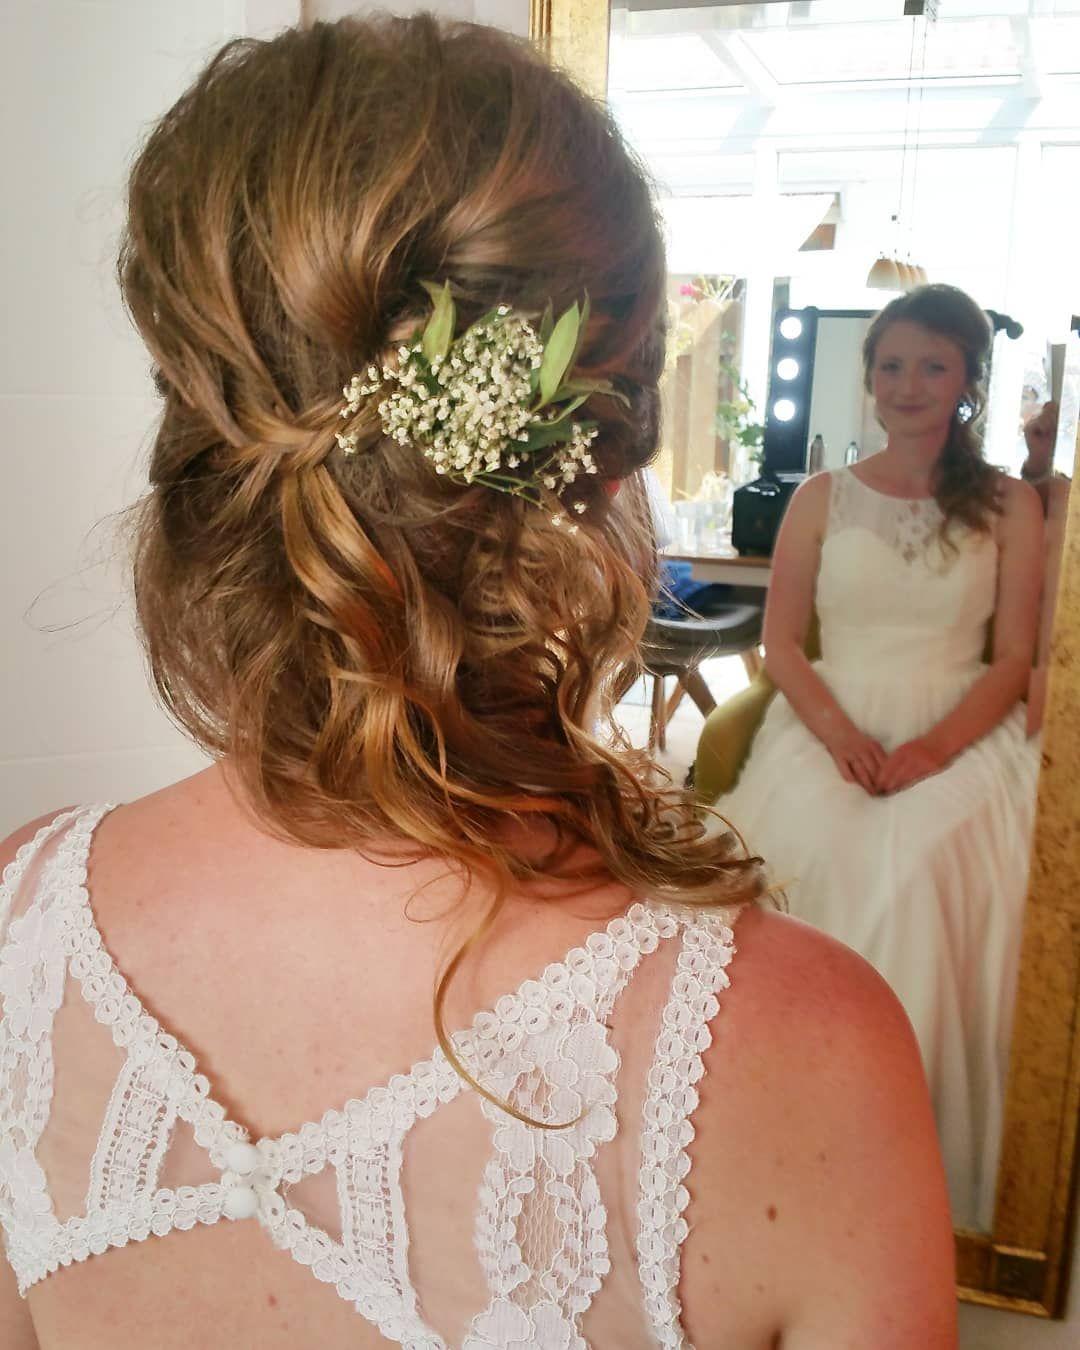 Sabines Frisur Und Make Up Die Blumen Im Haar Hat Sie Ausgesucht Und Im Begleitung Ihre Trauzeug Flower Girl Dresses Wedding Dresses Lace Wedding Dresses